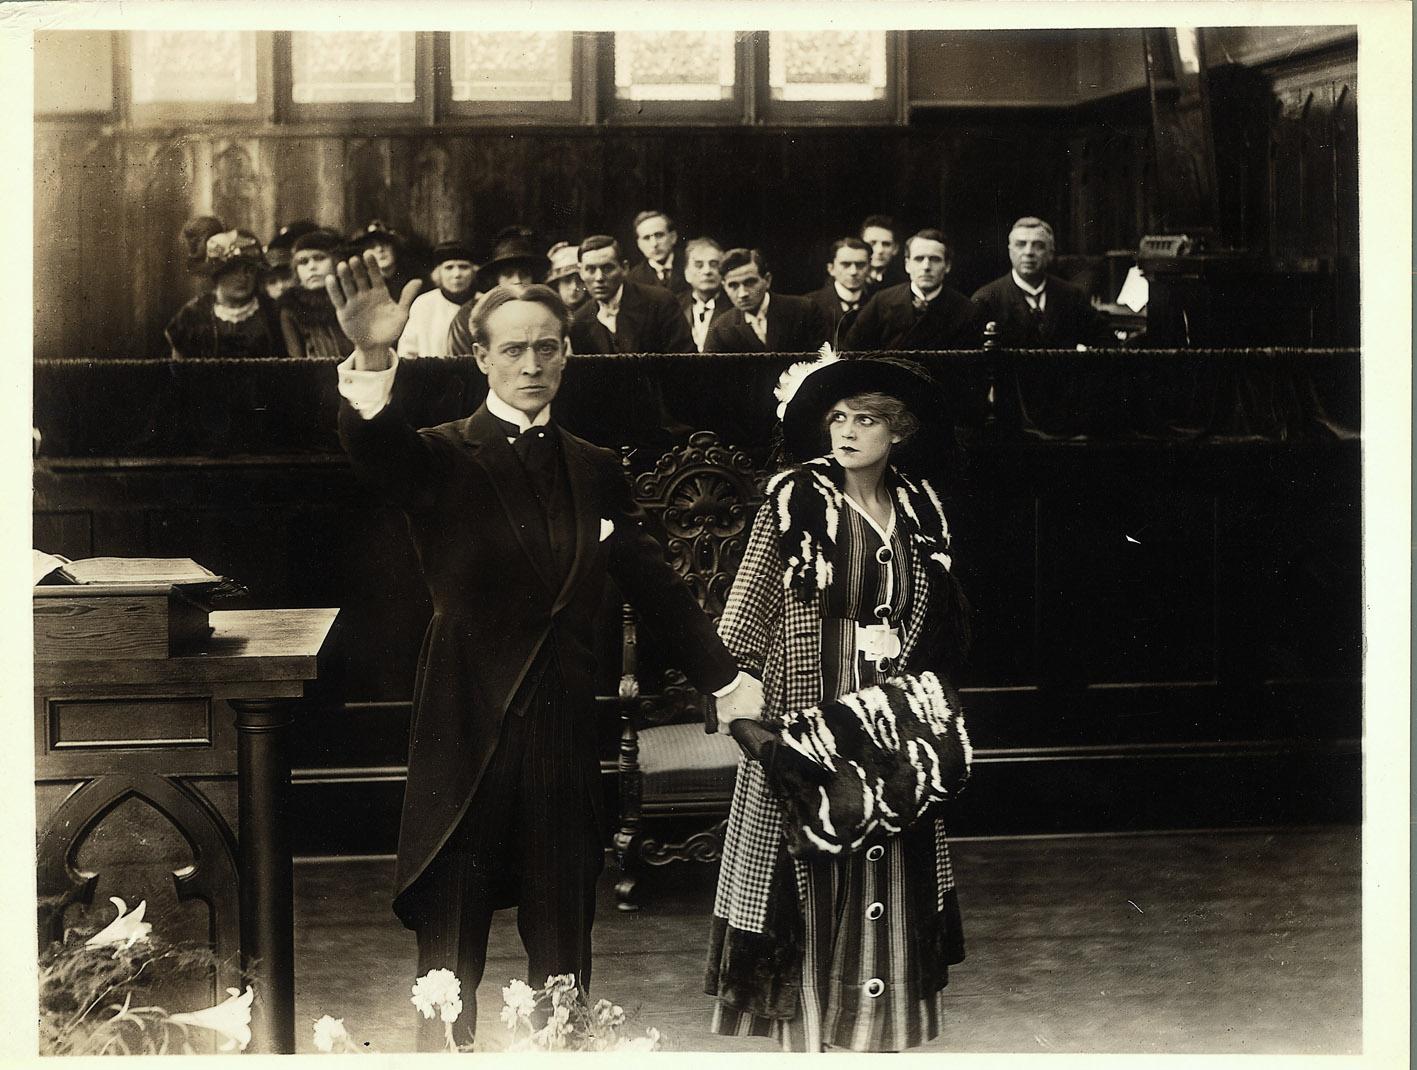 Reginald Barker, The Market of Vain Desire, 1916. Coll. Cinémathèque française. D.R.